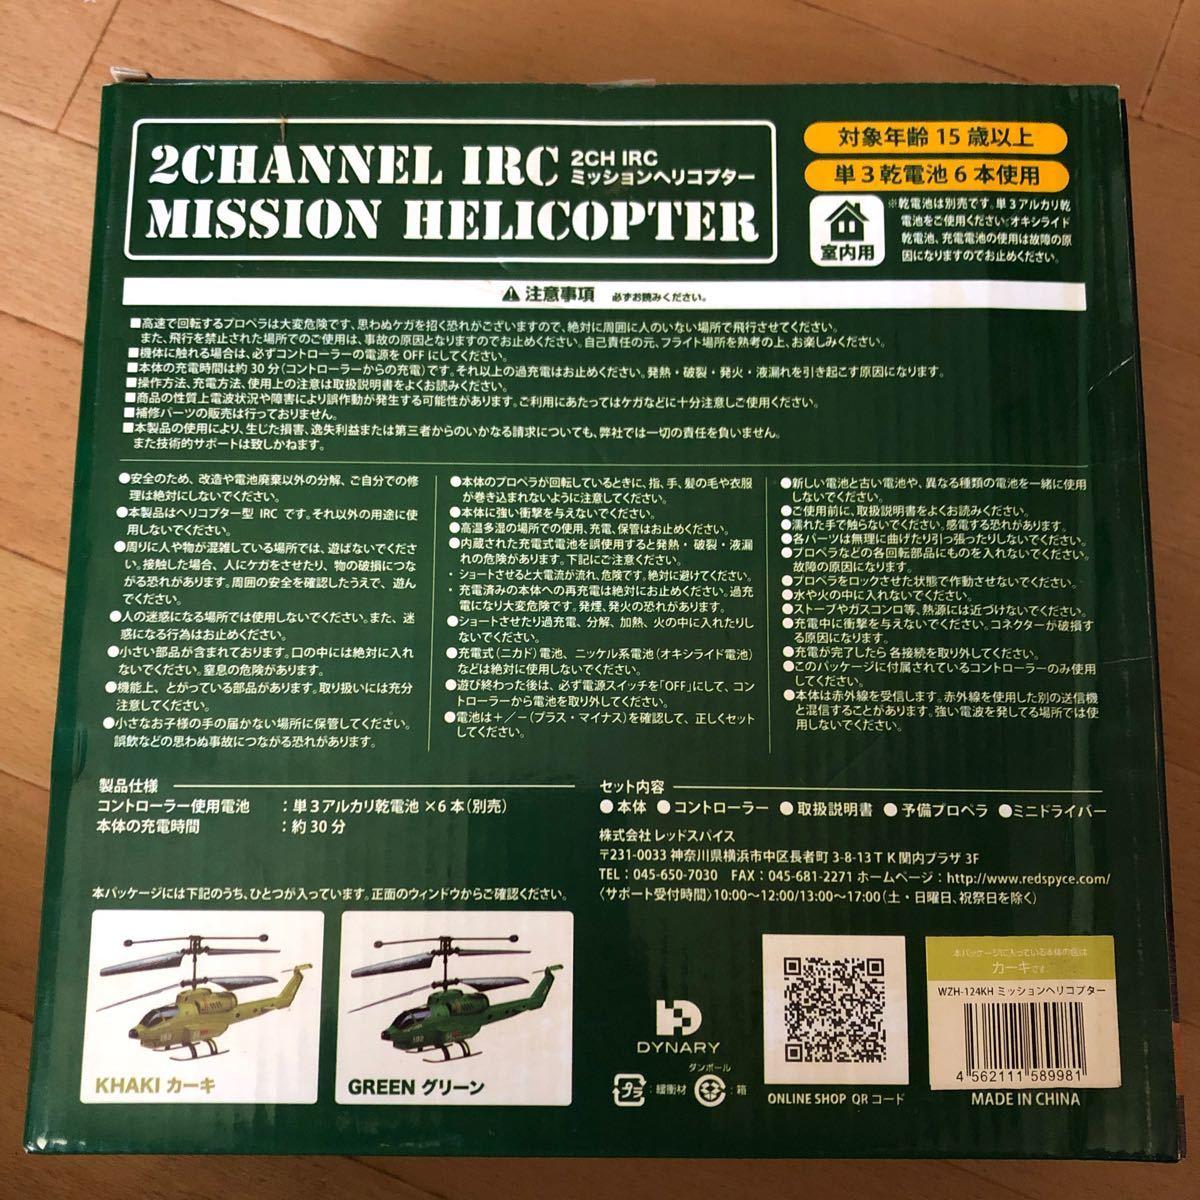 2CH IRC ミッションヘリコプター